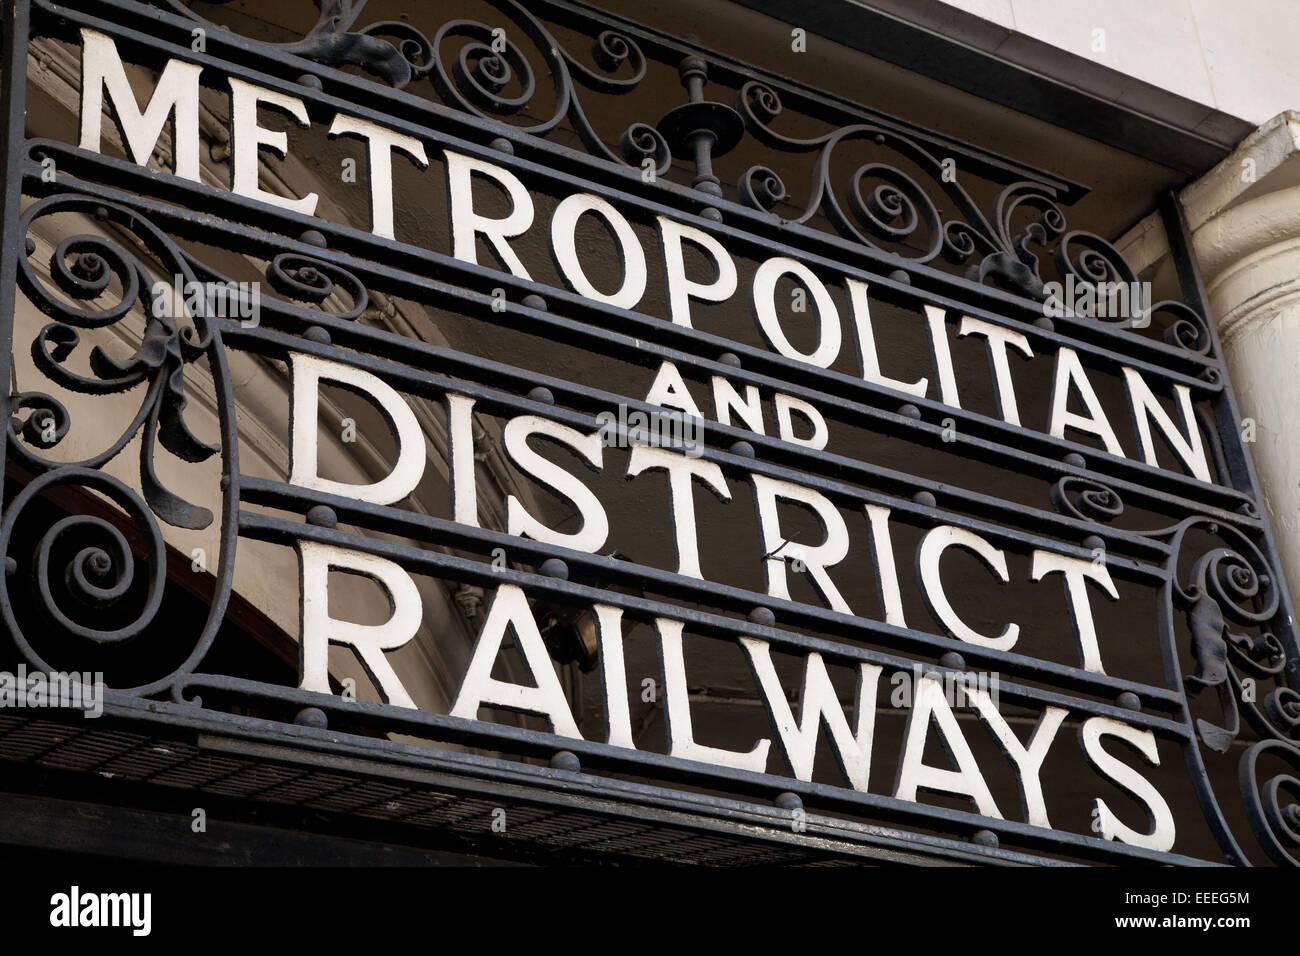 Los carteles en la entrada de la estación de metro de South Kensington Imagen De Stock